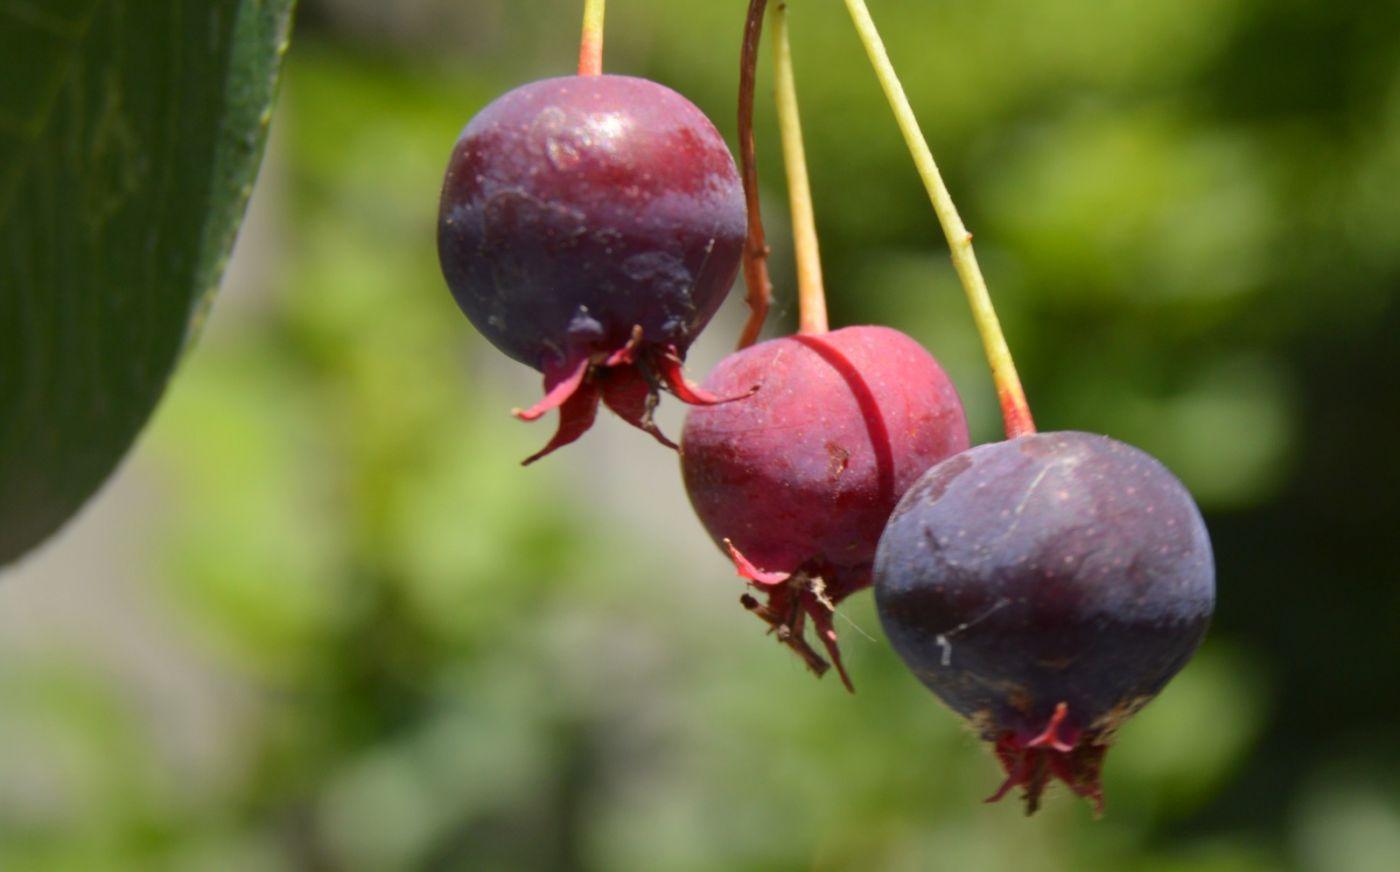 花楸树的果实_图1-16